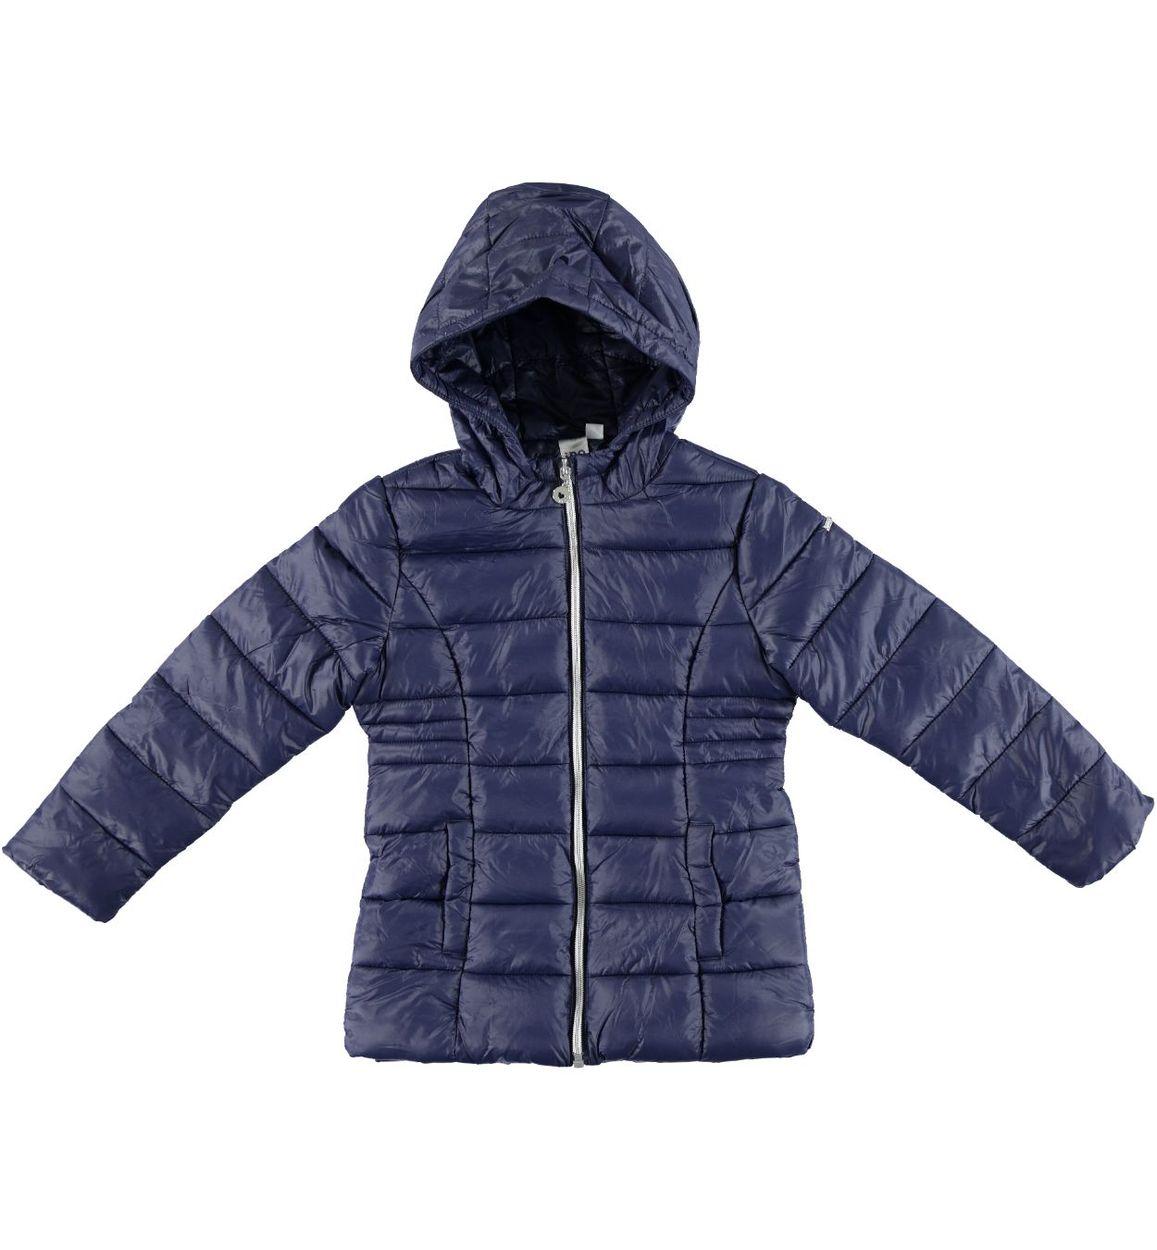 buy online f4934 f8ed8 Piumino invernale avvitato in nylon per bambina da 3 a 16 anni iDO